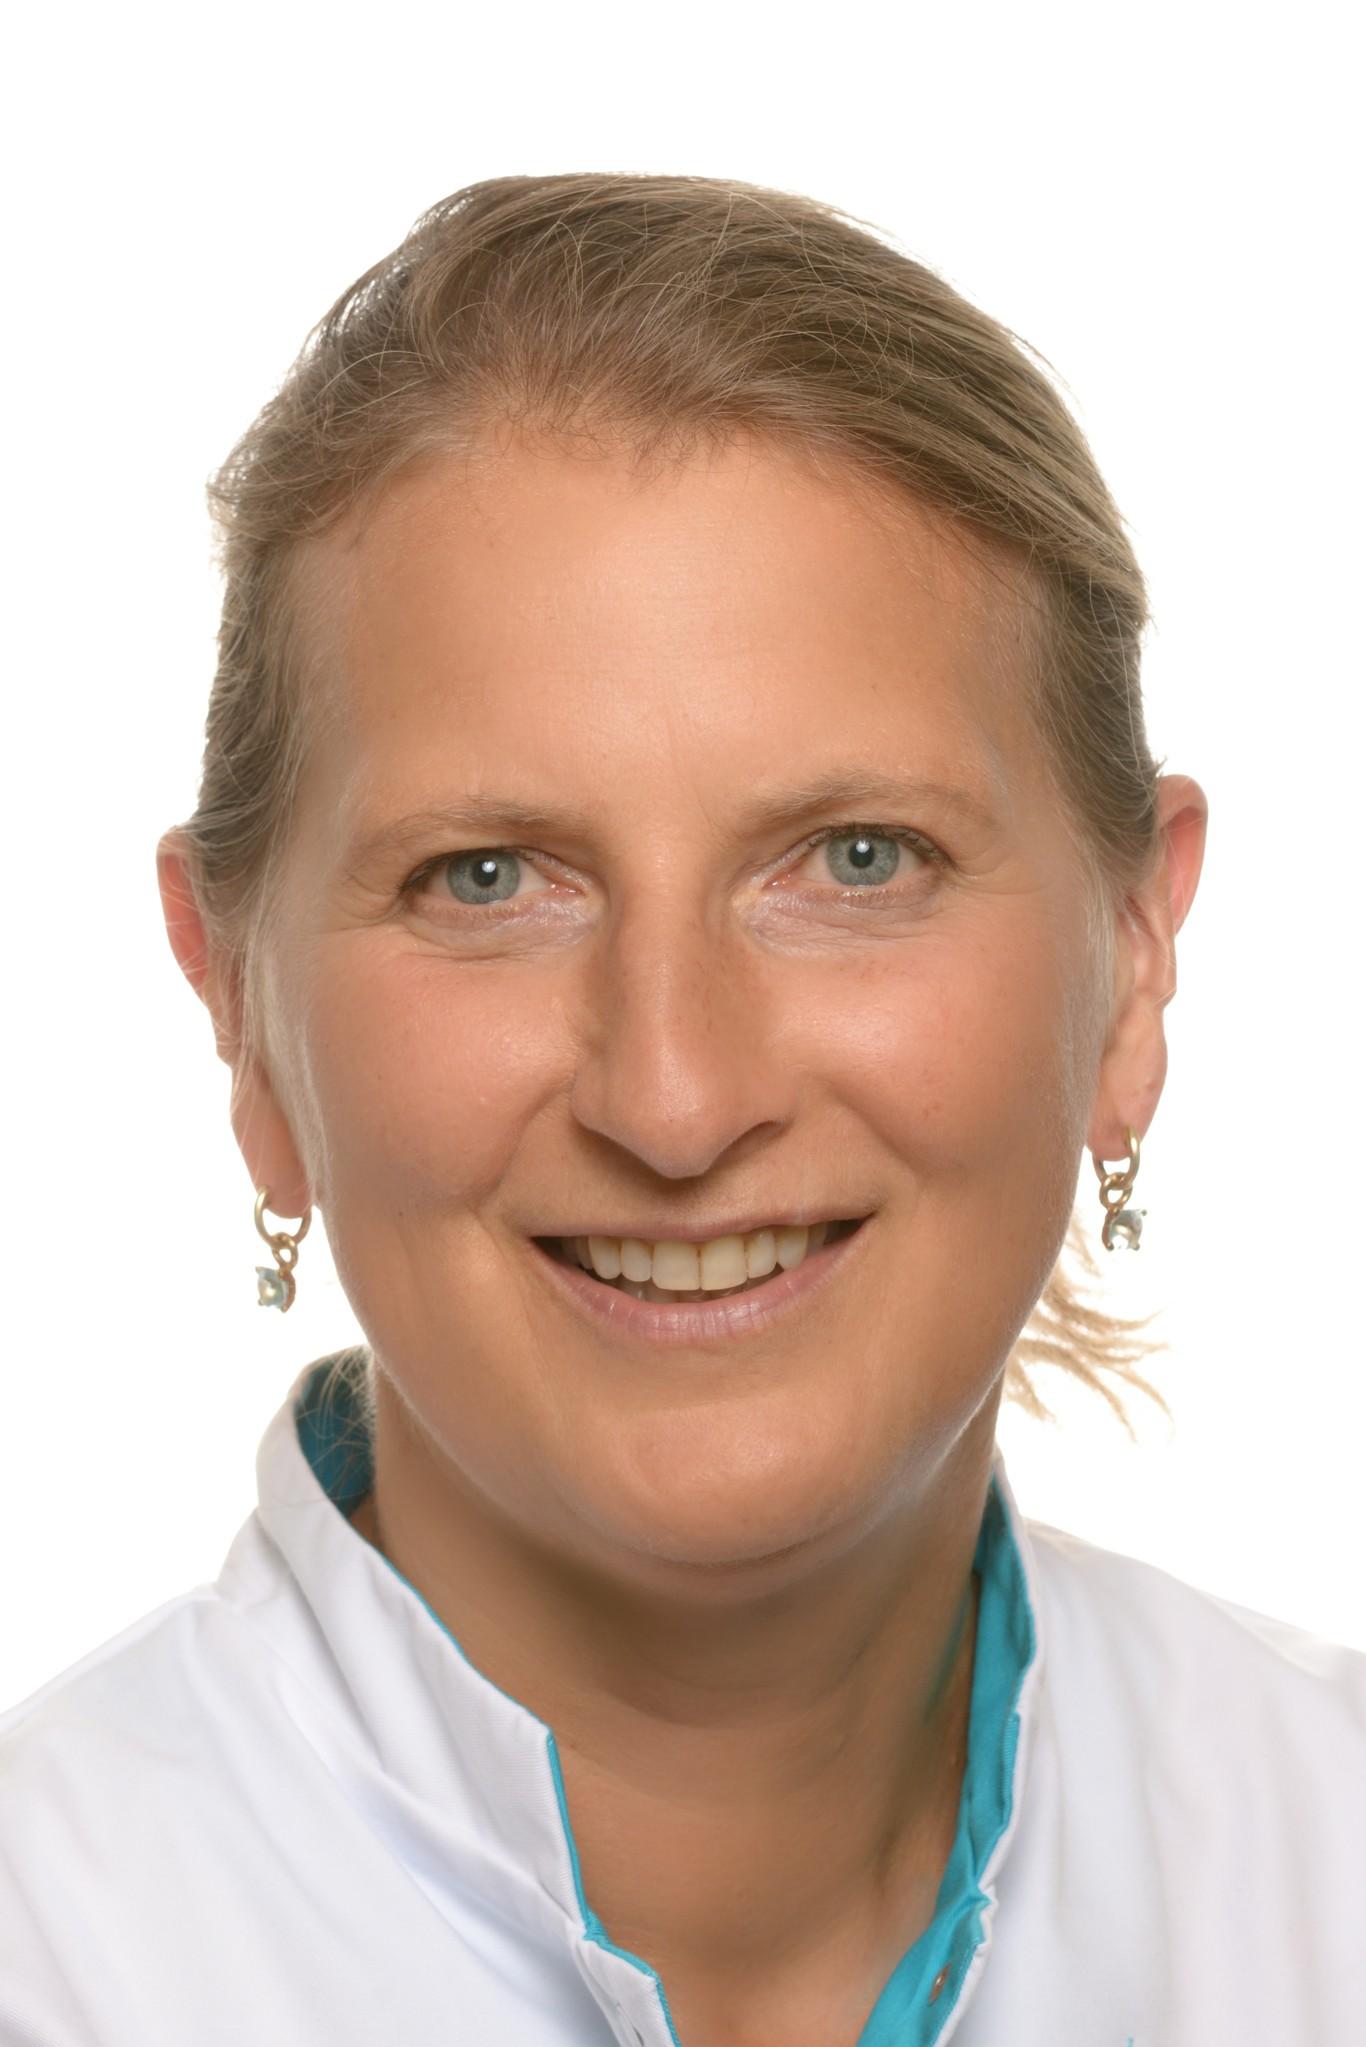 Biologisch tandarts Annemargriet Popma